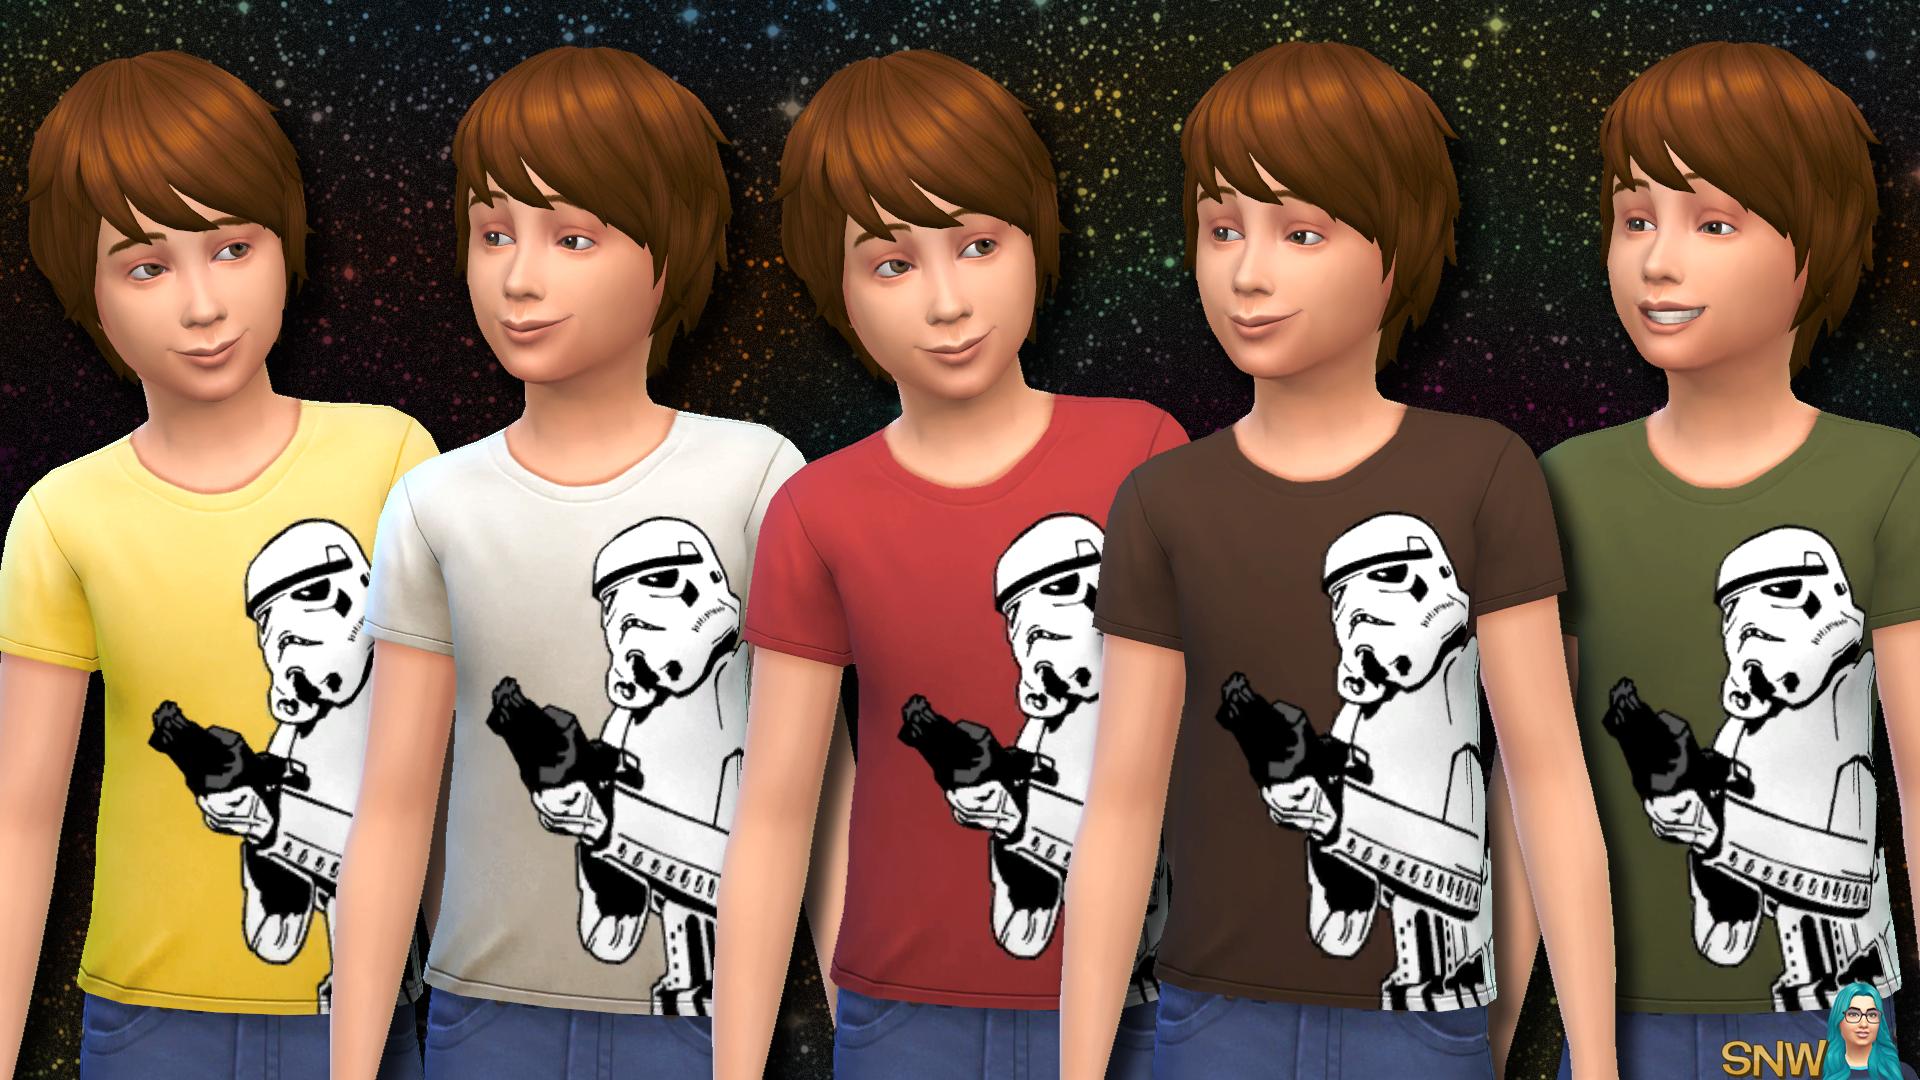 bb8a529a0d6 Sims 4 Child T Shirt